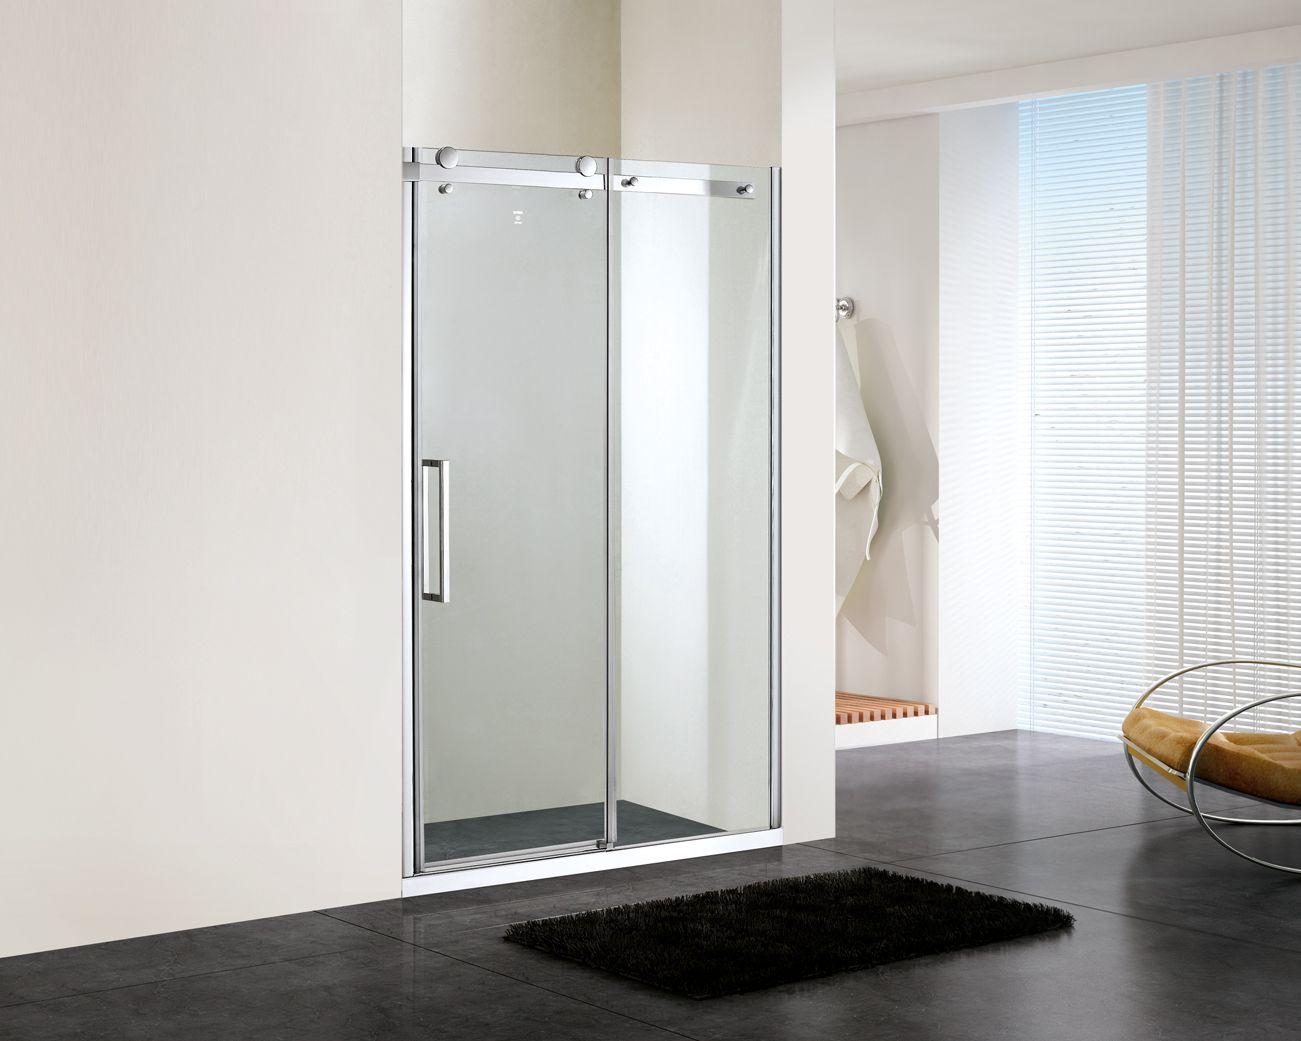 We have a many ranges of frameless, framed glass shower enclosures ...